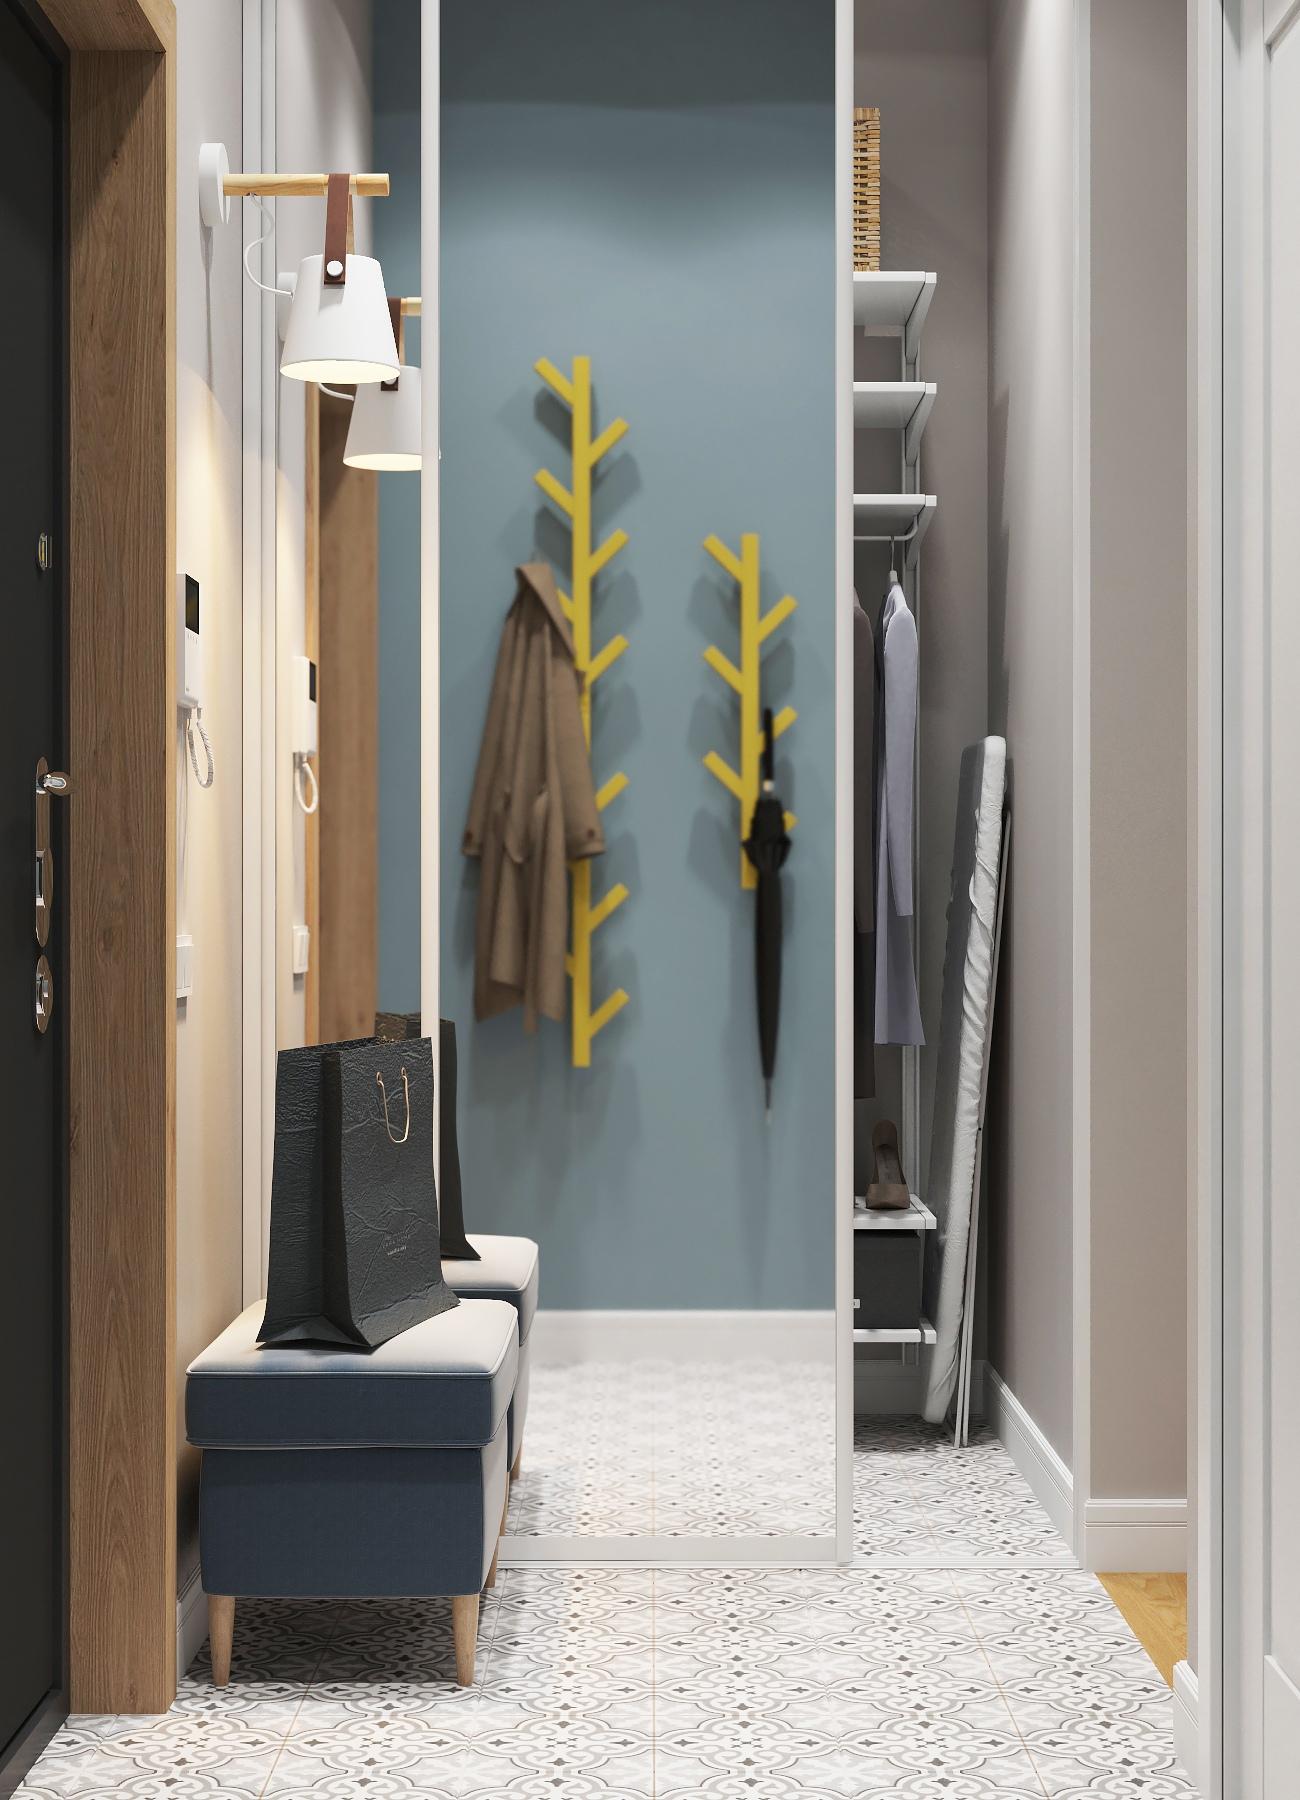 Дизайн-проект квартиры-студии 28 квадратных метров в Санкт-Петербурге для молодой пары.